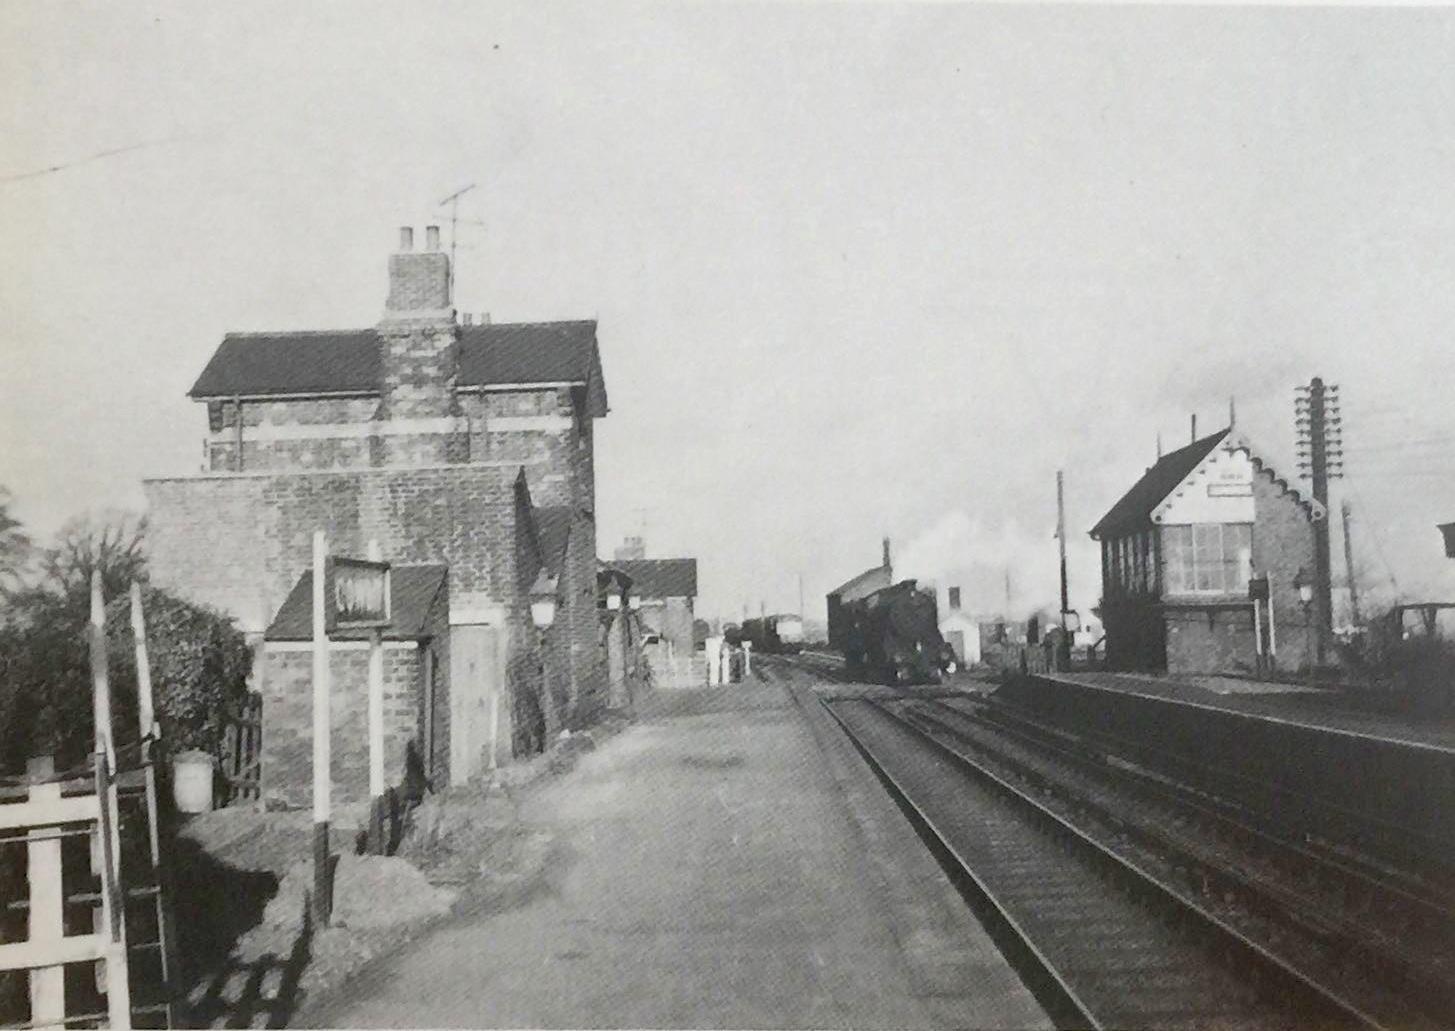 Cowbit Station